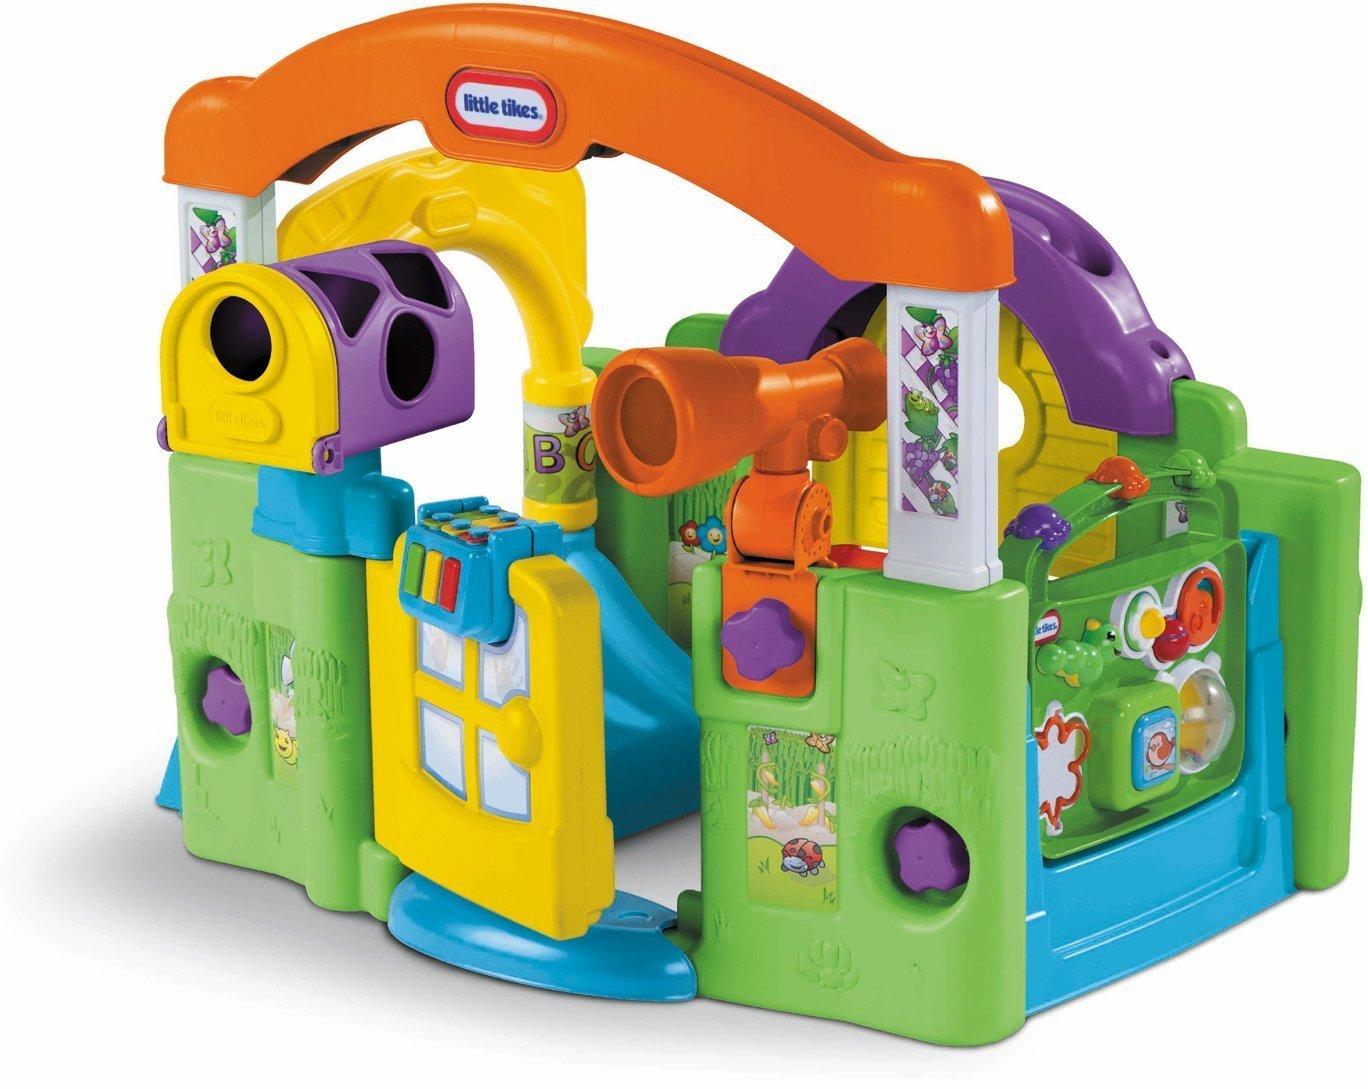 Toate jucăriile/produsele